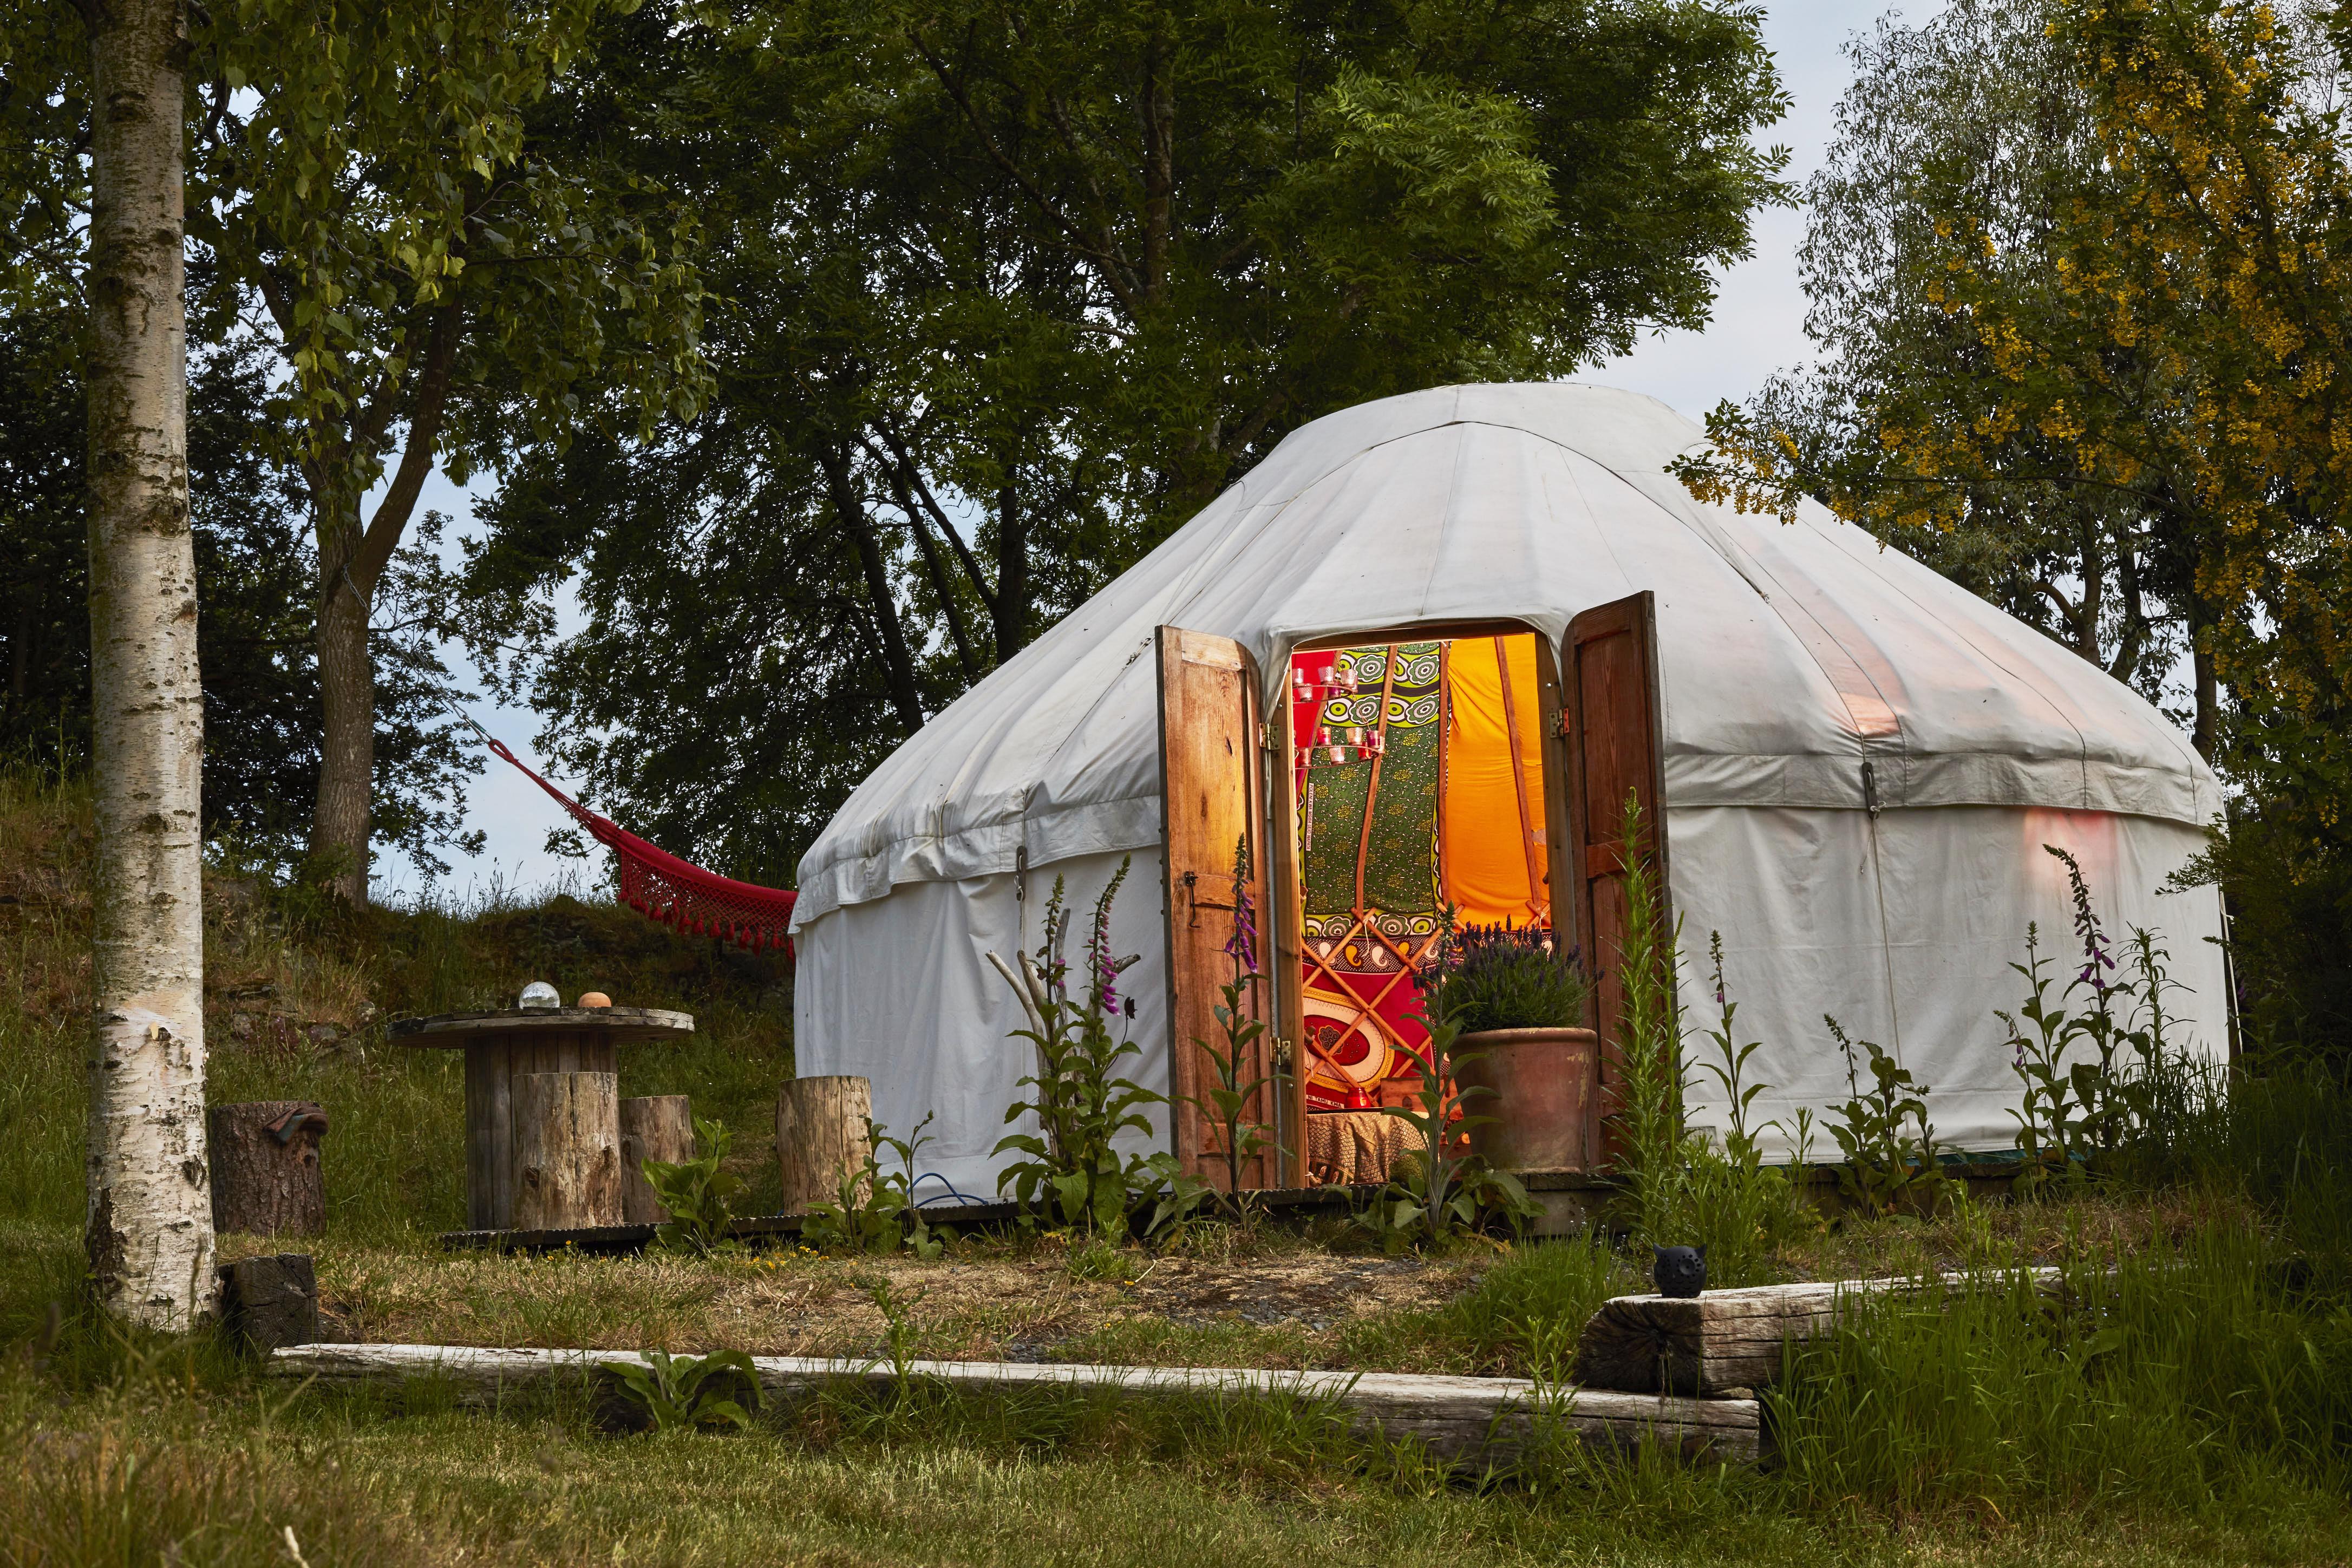 Yurt Holidays | Yurt Glamping | Canopy & Stars